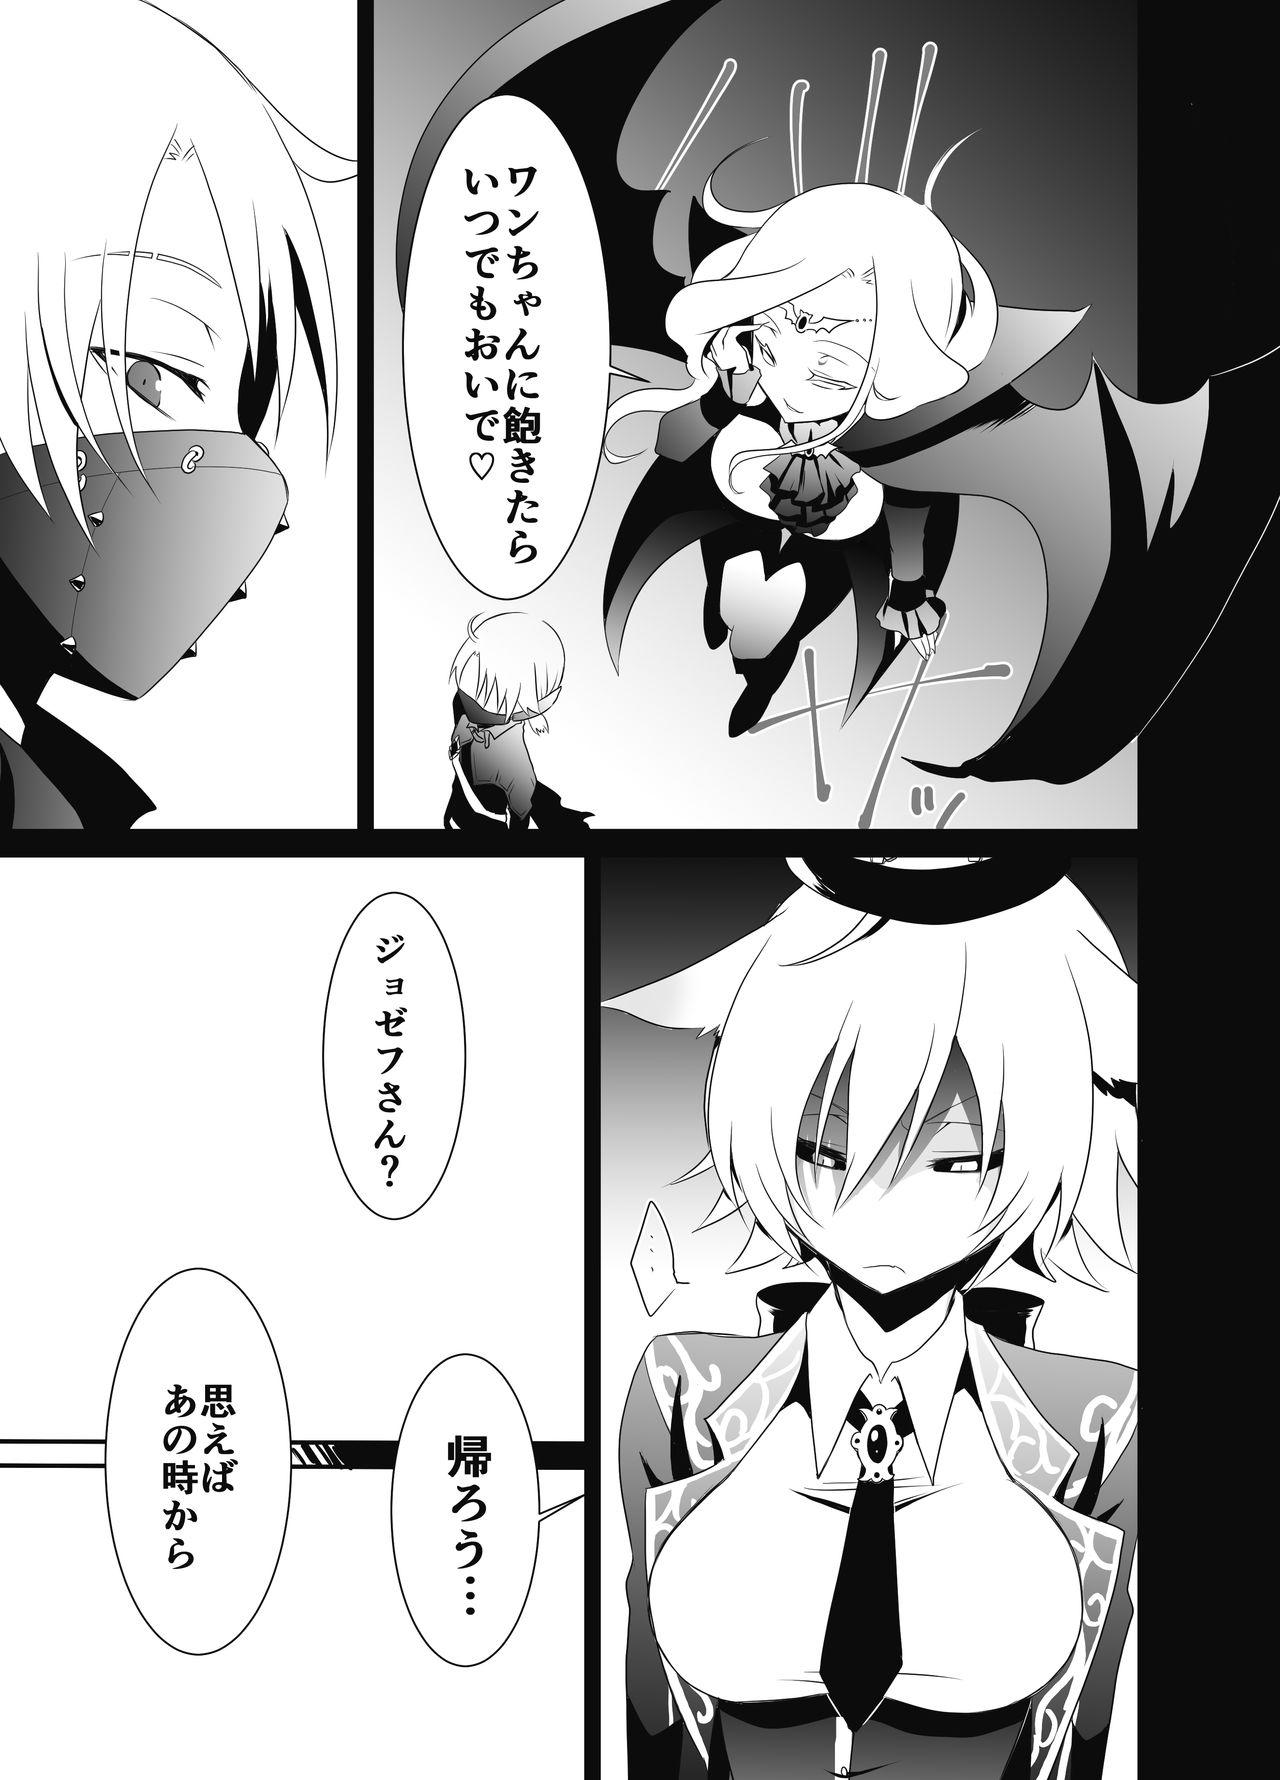 Exorcist-kun wa Gekka no Mono desu! 6